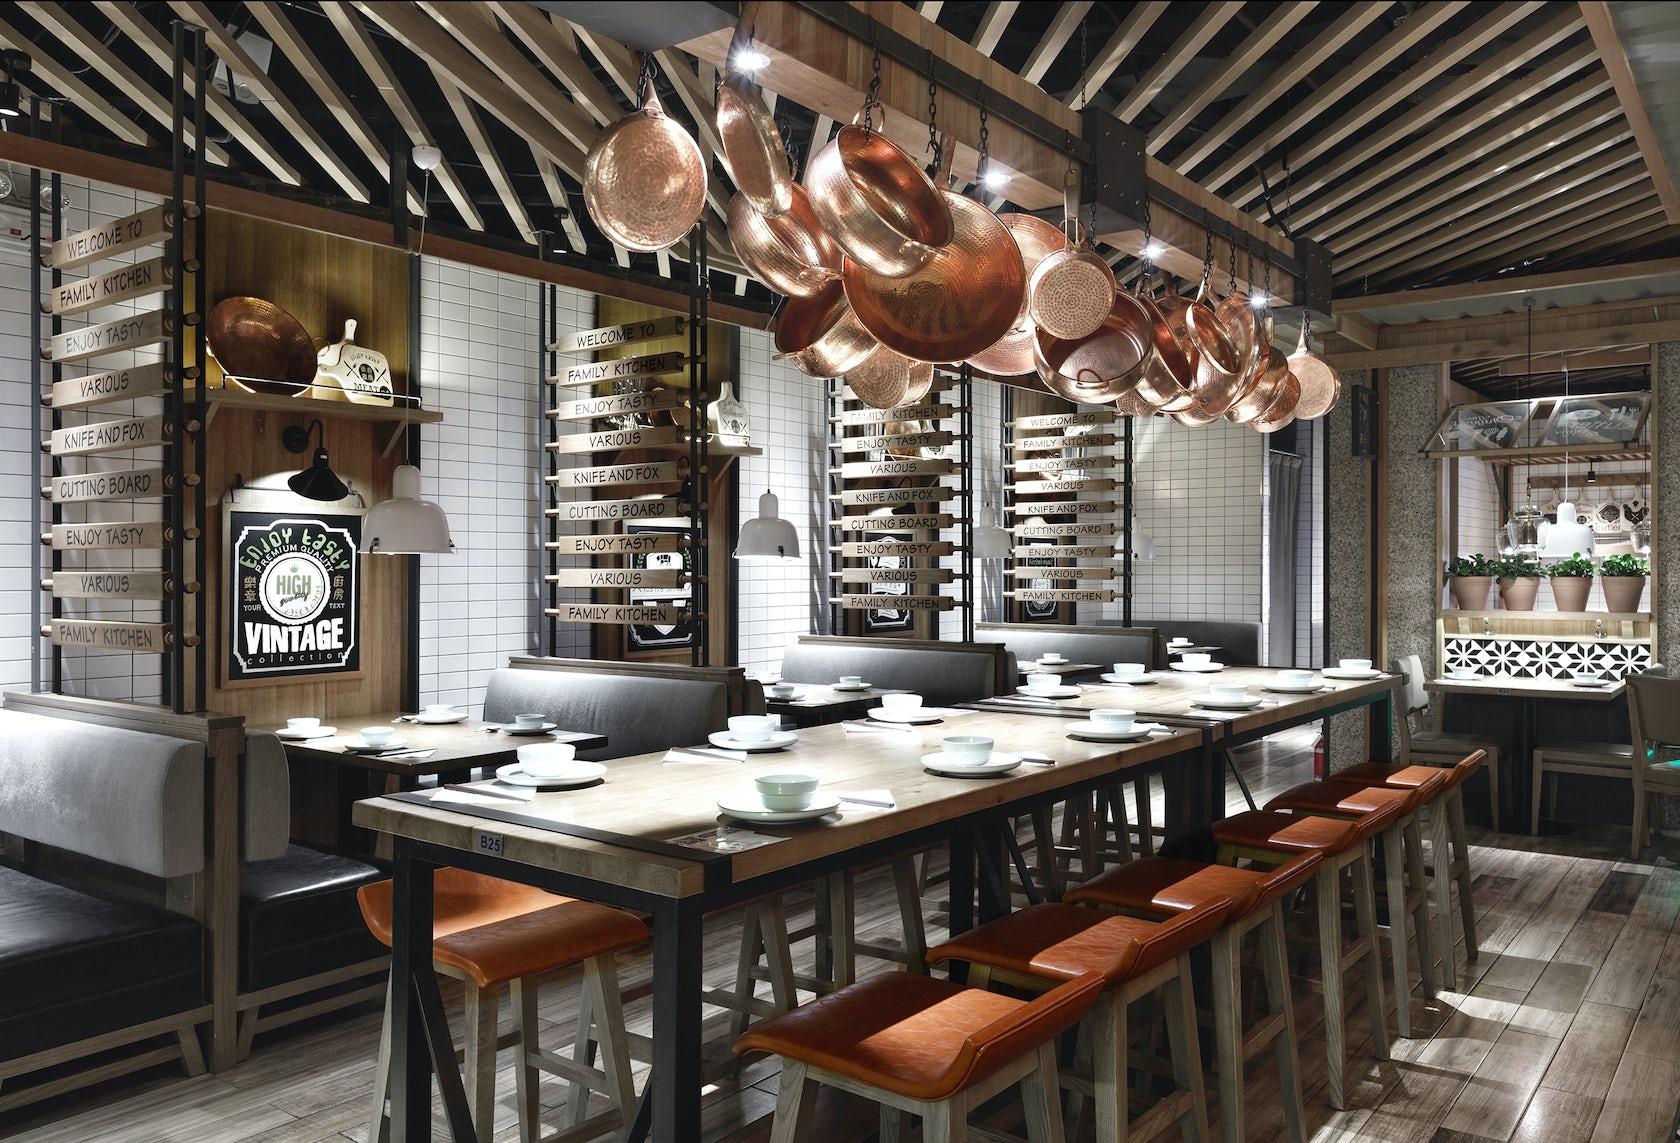 Restaurant kitchen opus architizer